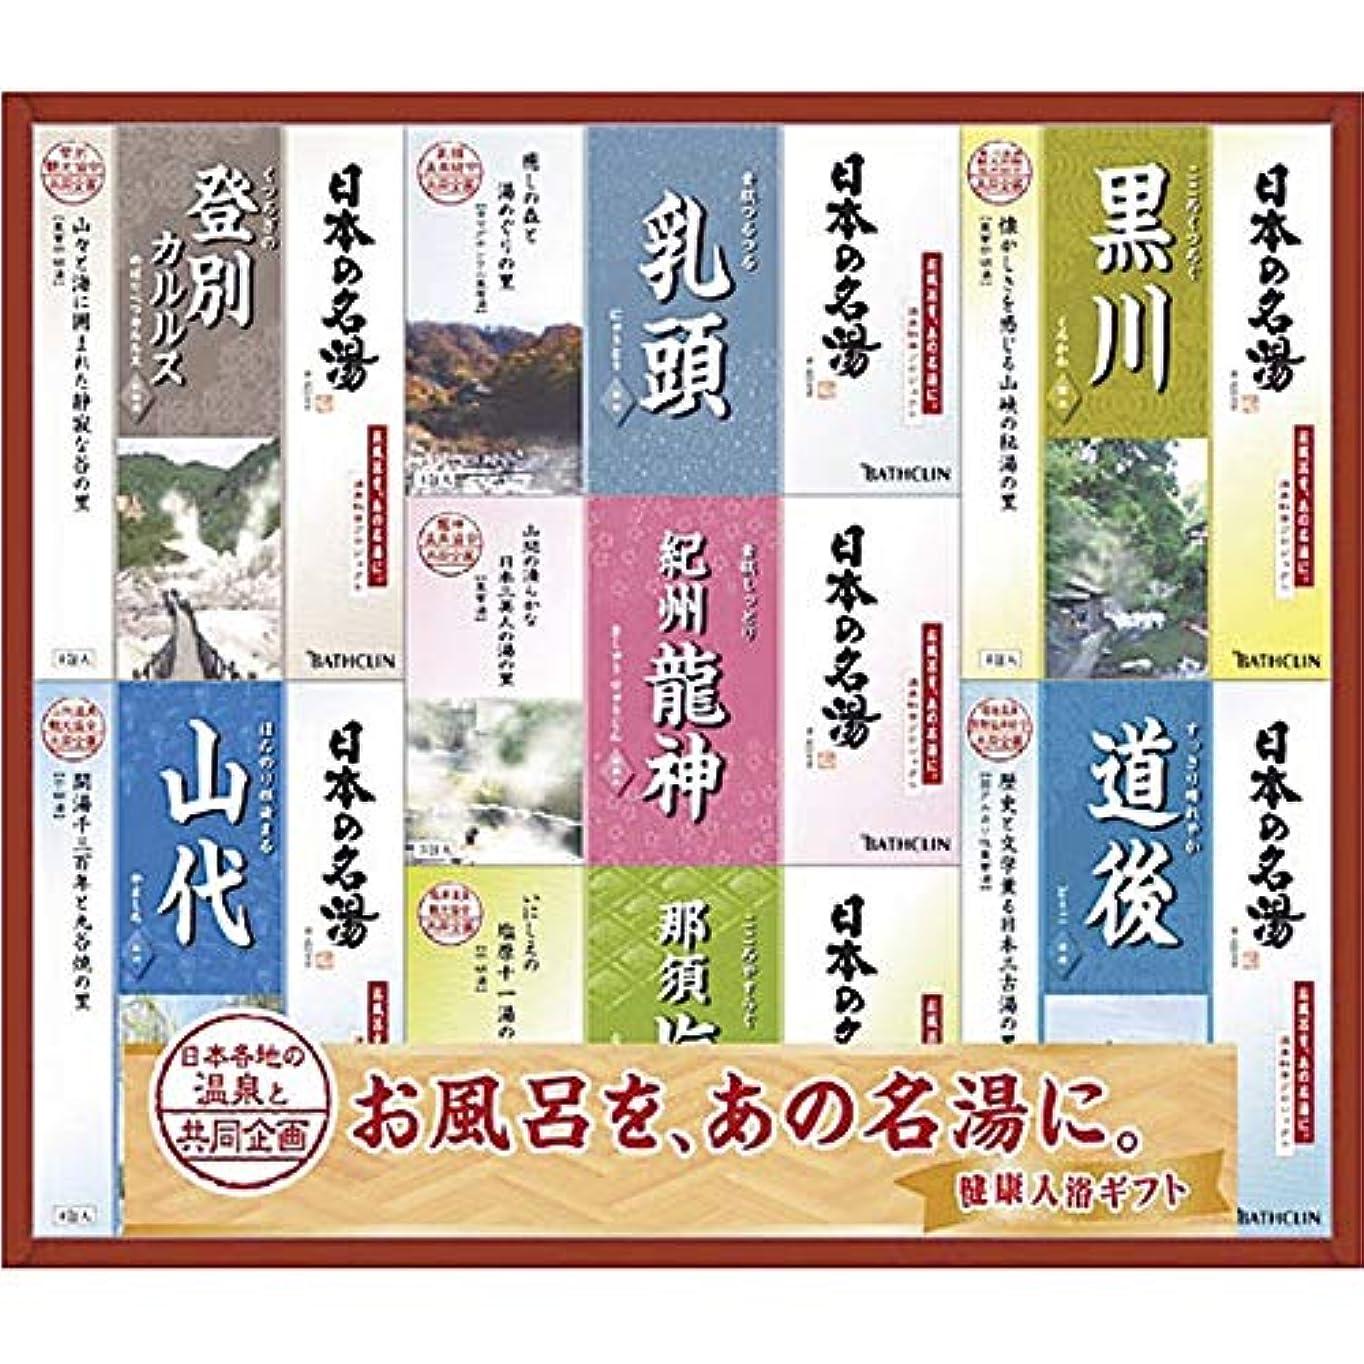 居間うそつきするだろうバスクリン 日本の名湯 ギフトセット NMG-25F 【個包装 セット 詰め合わせ 疲労回復 ご褒美 贅沢 プチギフト 温まる 温泉 粉 ご当地 まとめ買い 名湯 リラックス 美肌 つめあわせ やさしい やすらぎ】